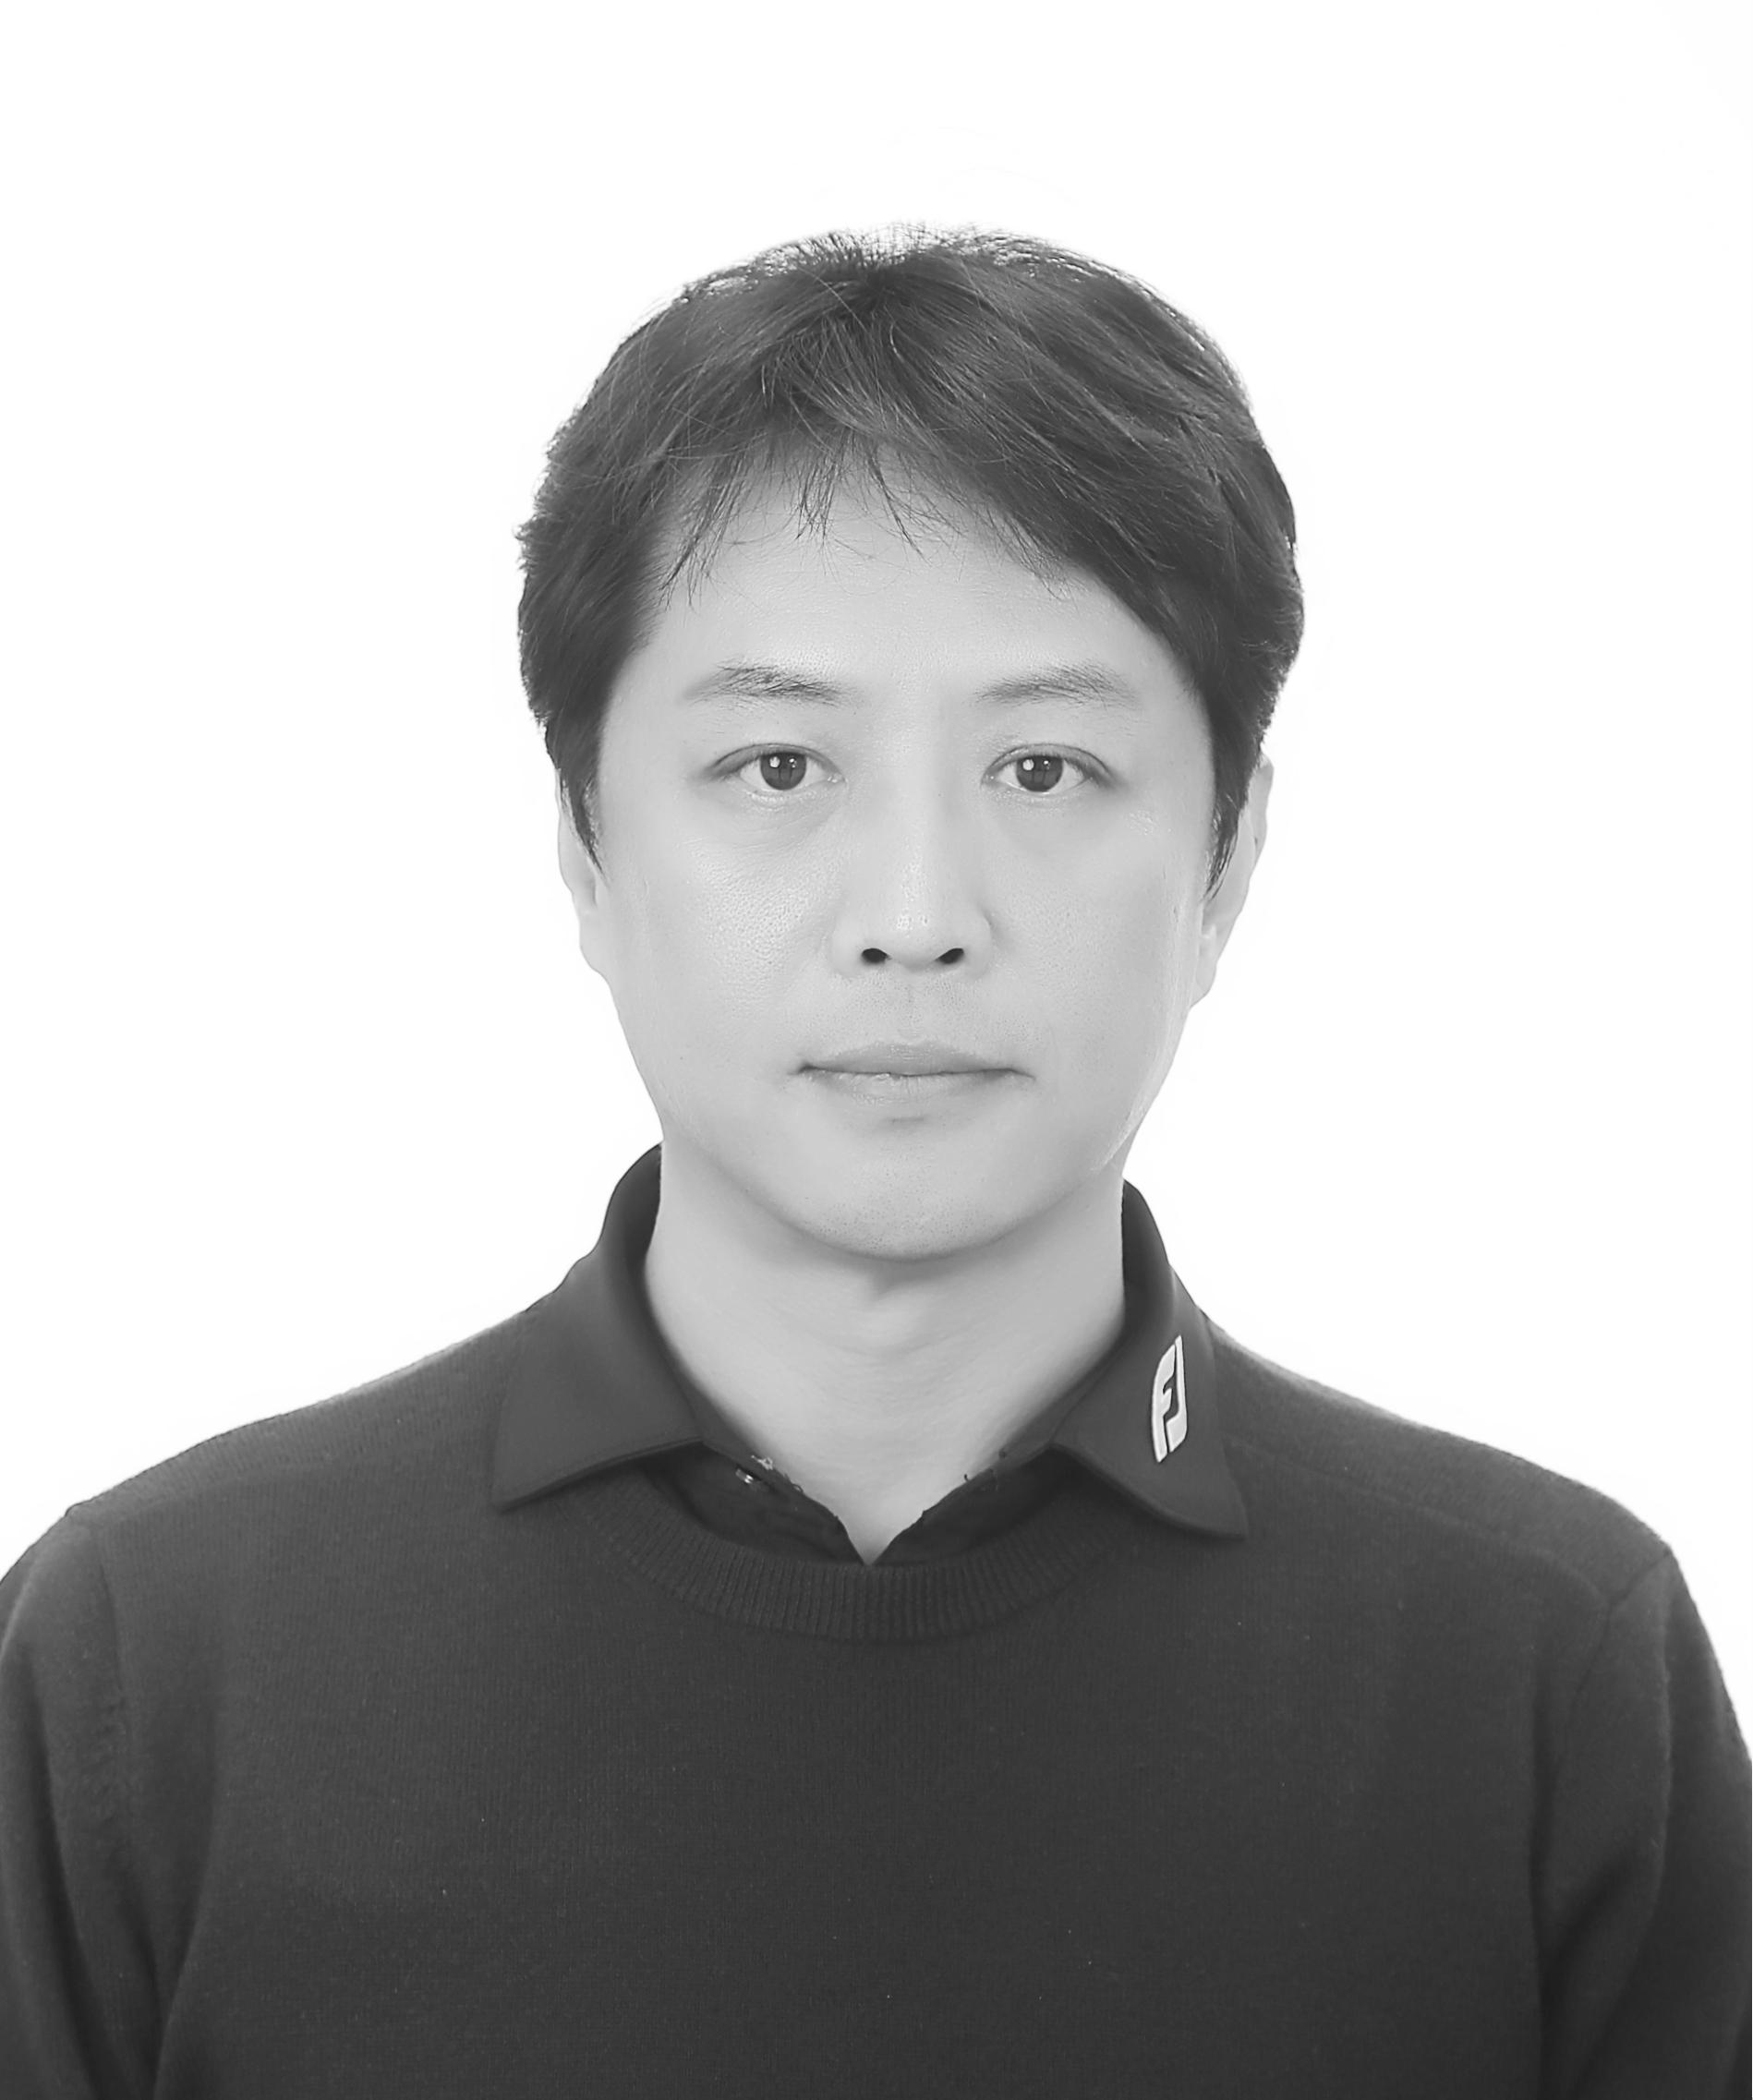 김남용(홈피용)